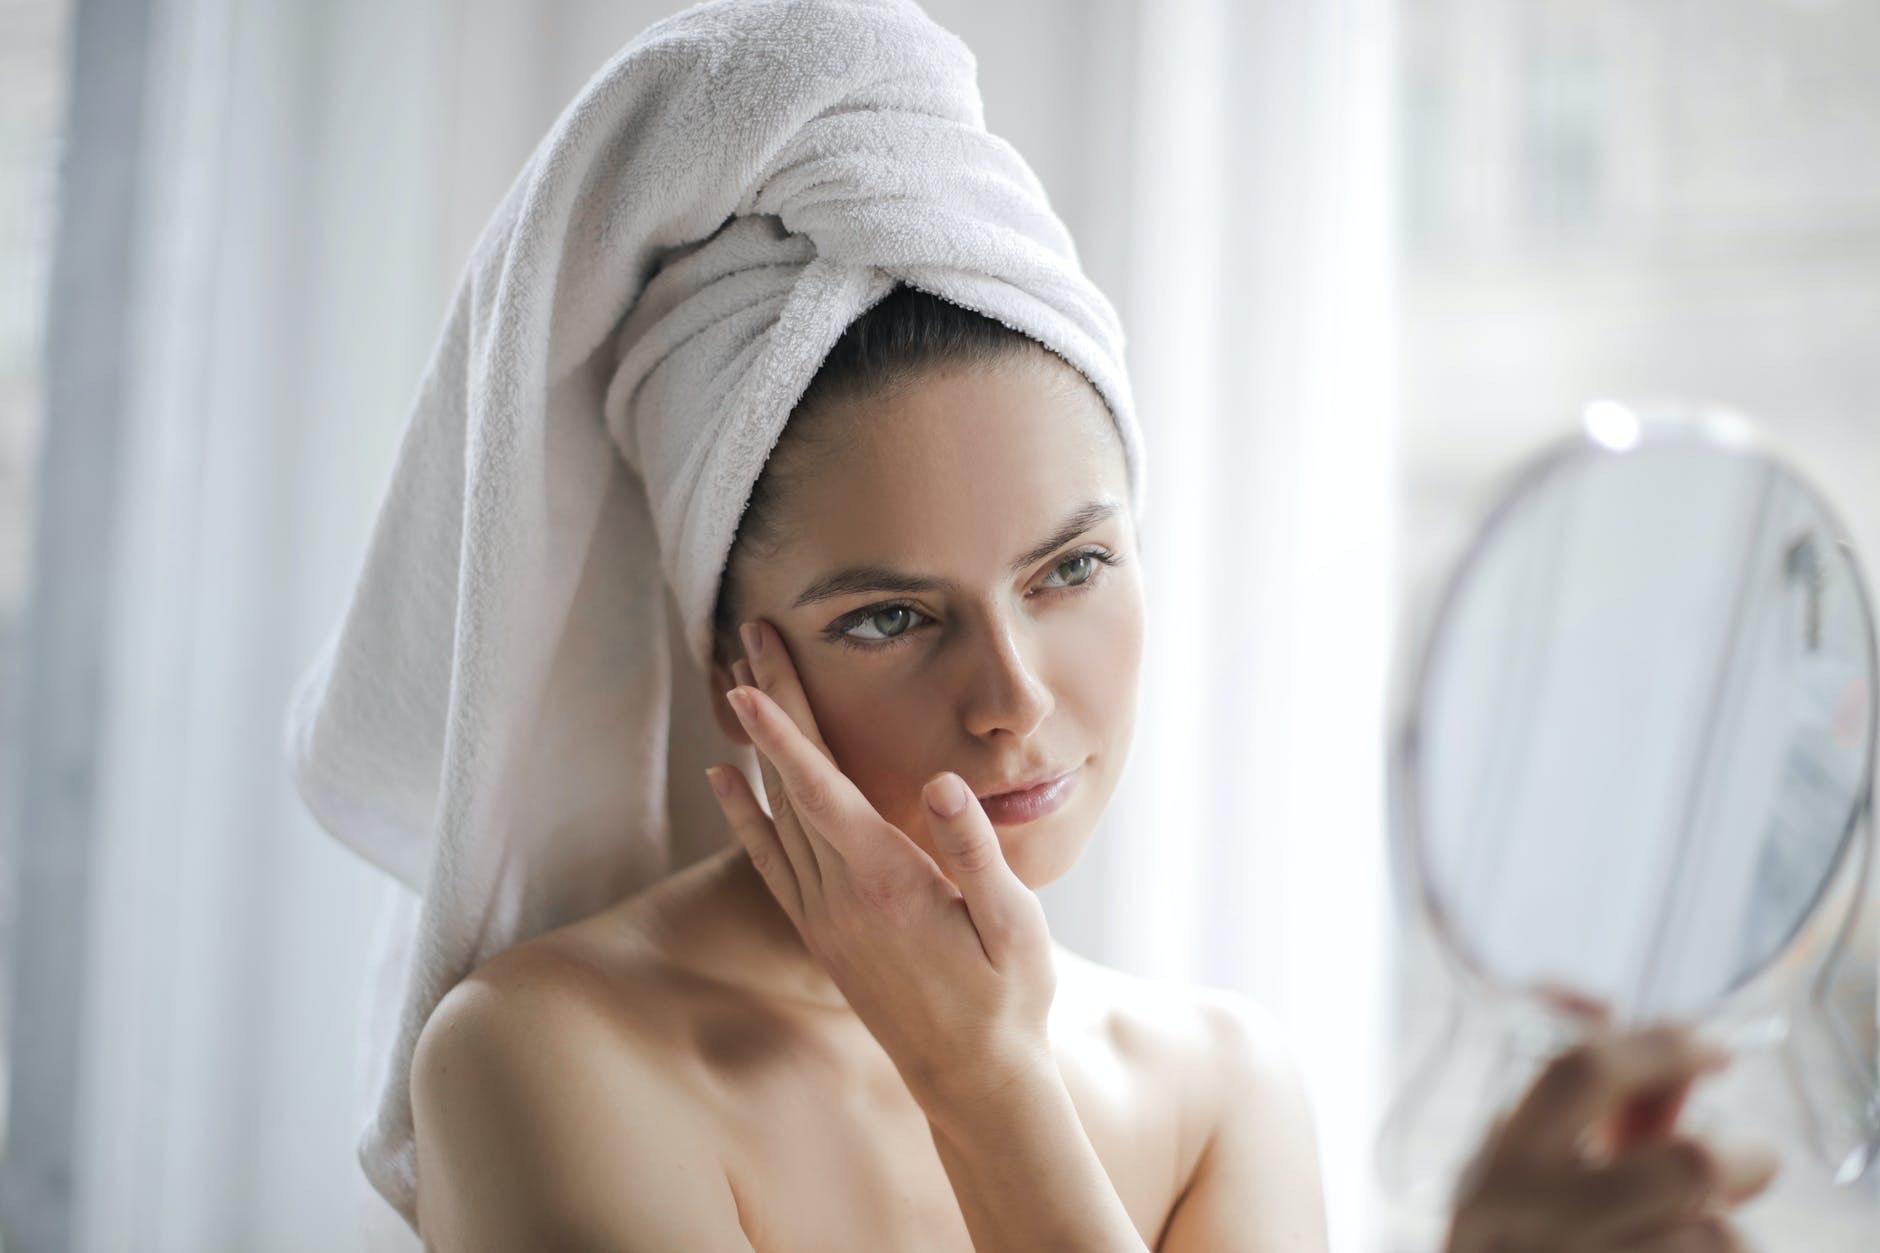 (P) Cel mai bun mod de a avea grijă de piele în funcție de vârstă